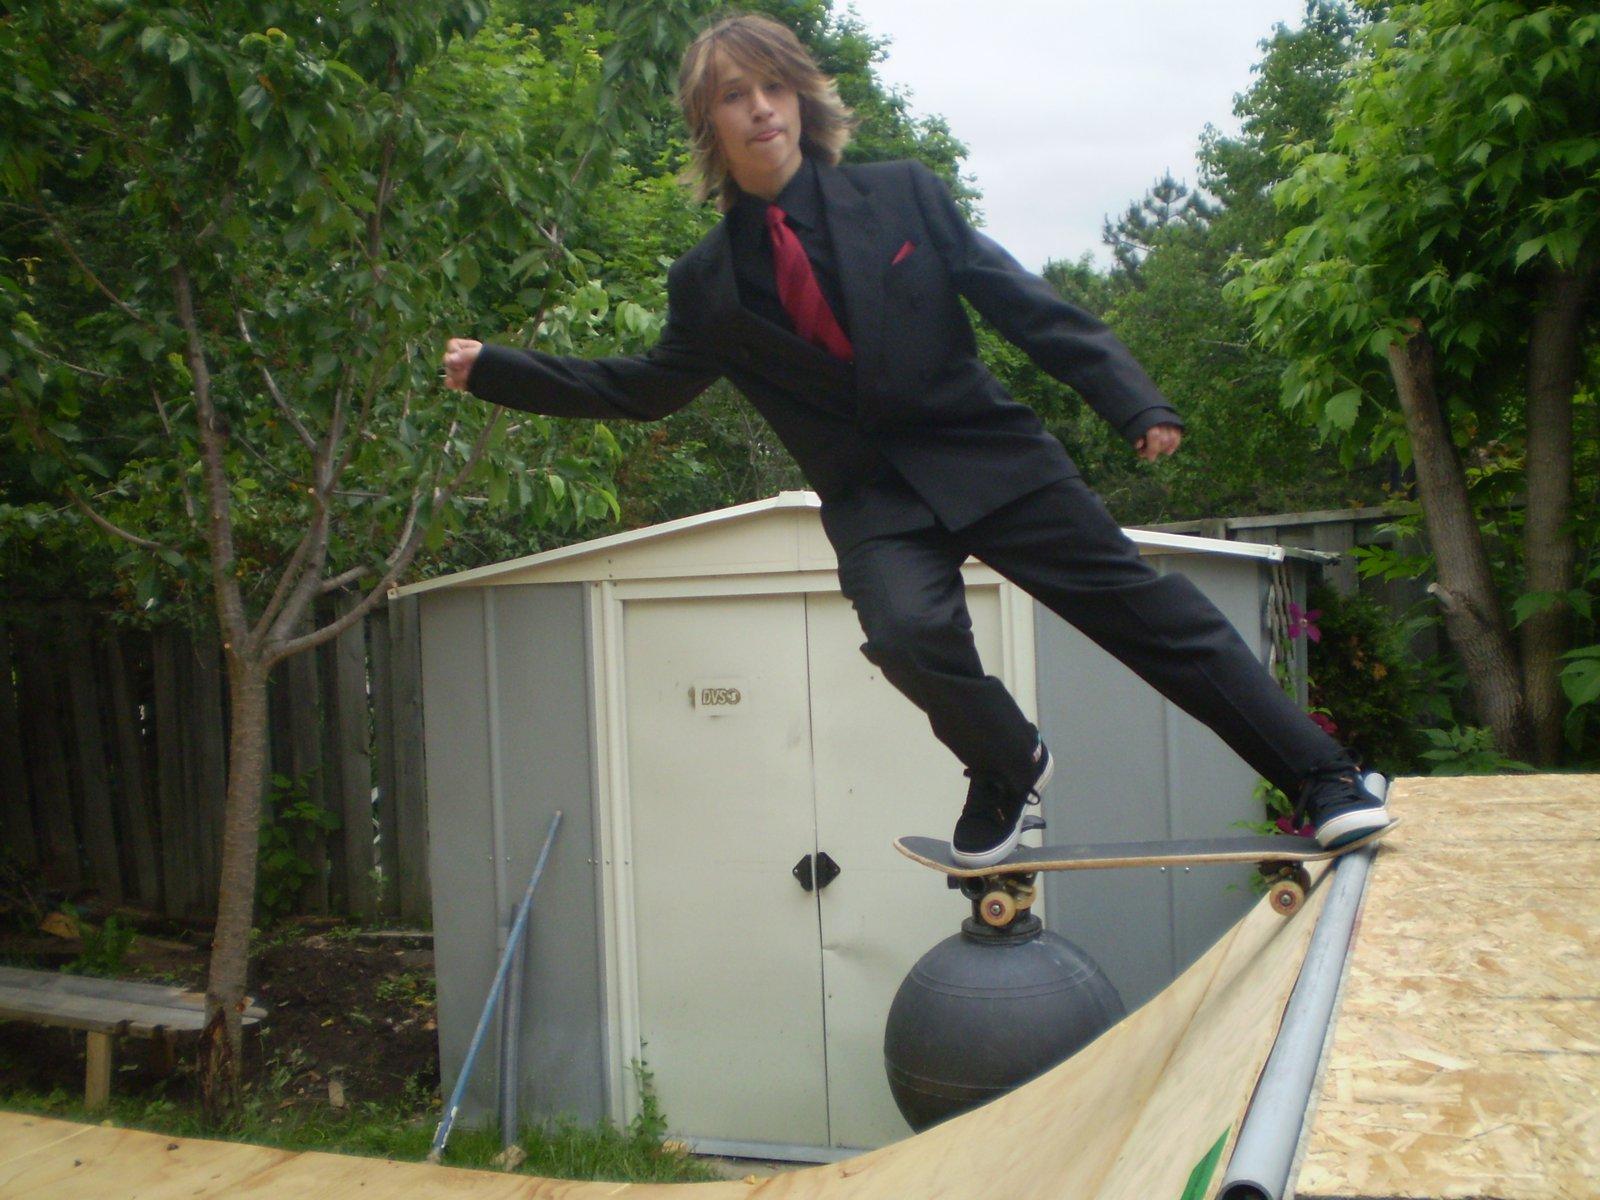 Skating my halfpipe in suit